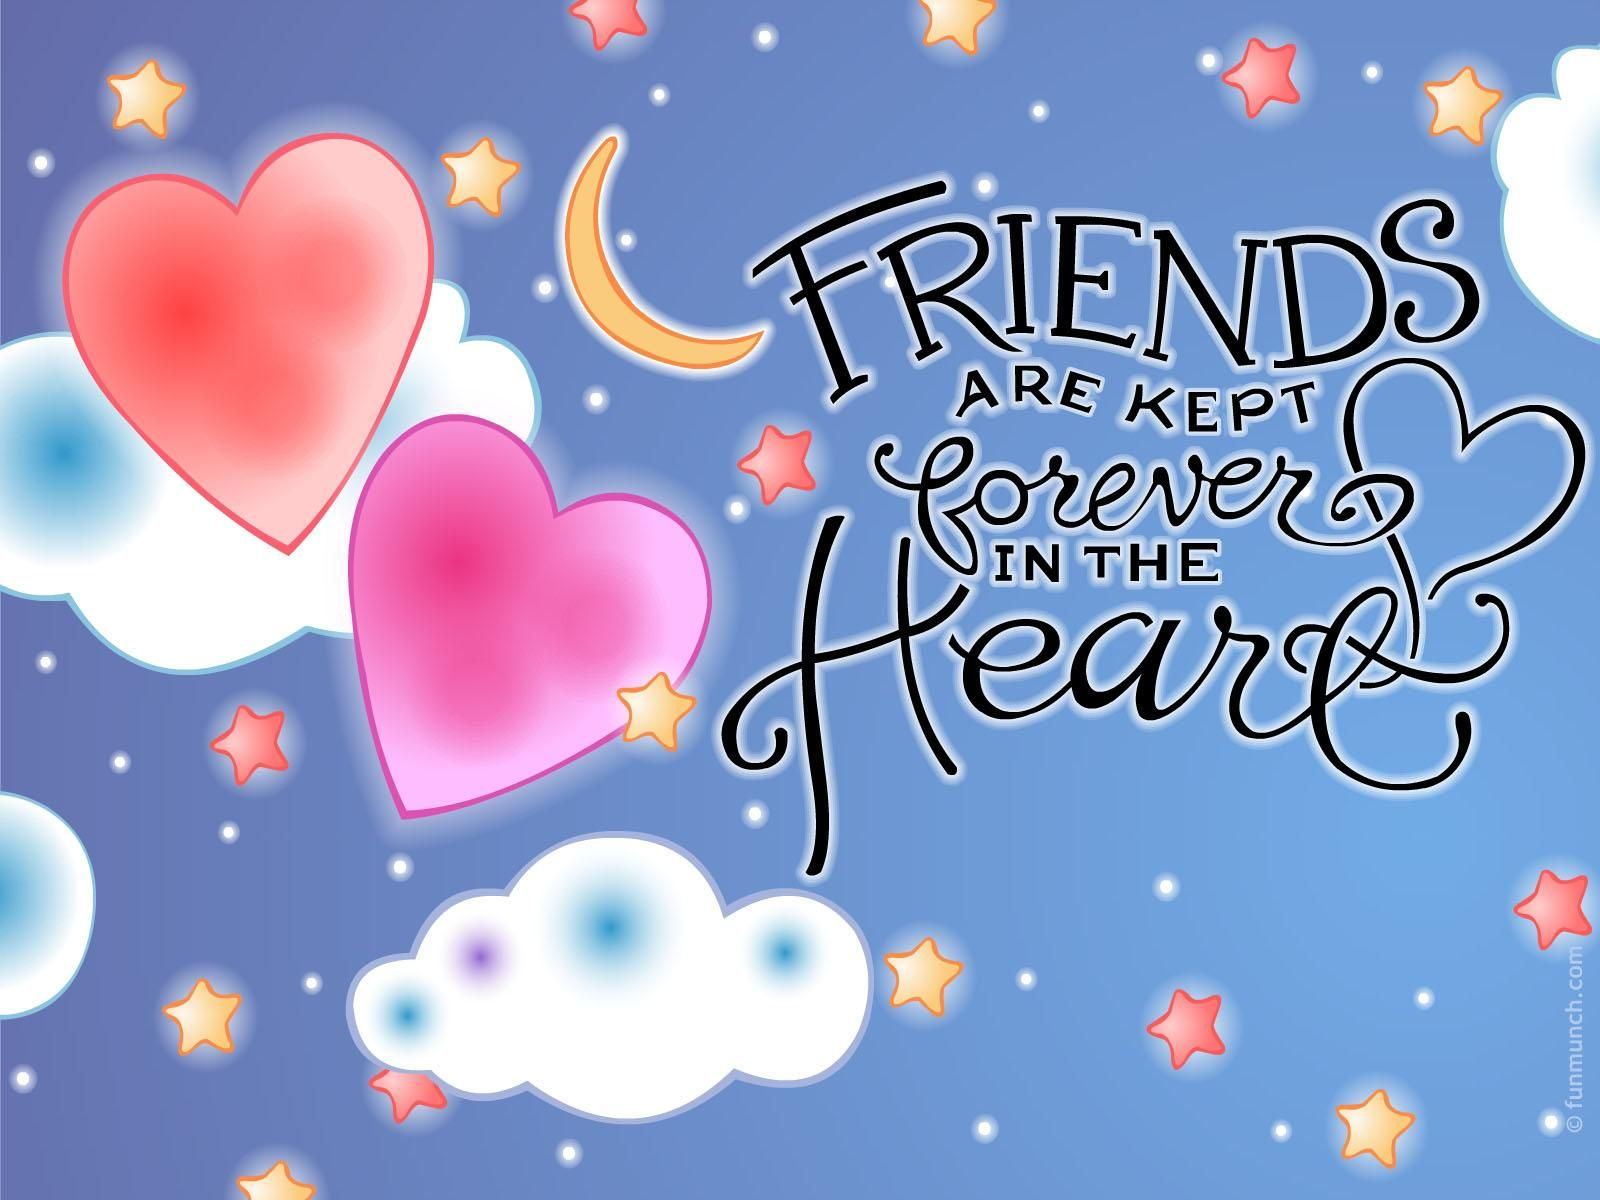 Friends wallpapers TV Series Crazy Frankenstein 1280 800 Friends – Valentine Card Friendship Quotes